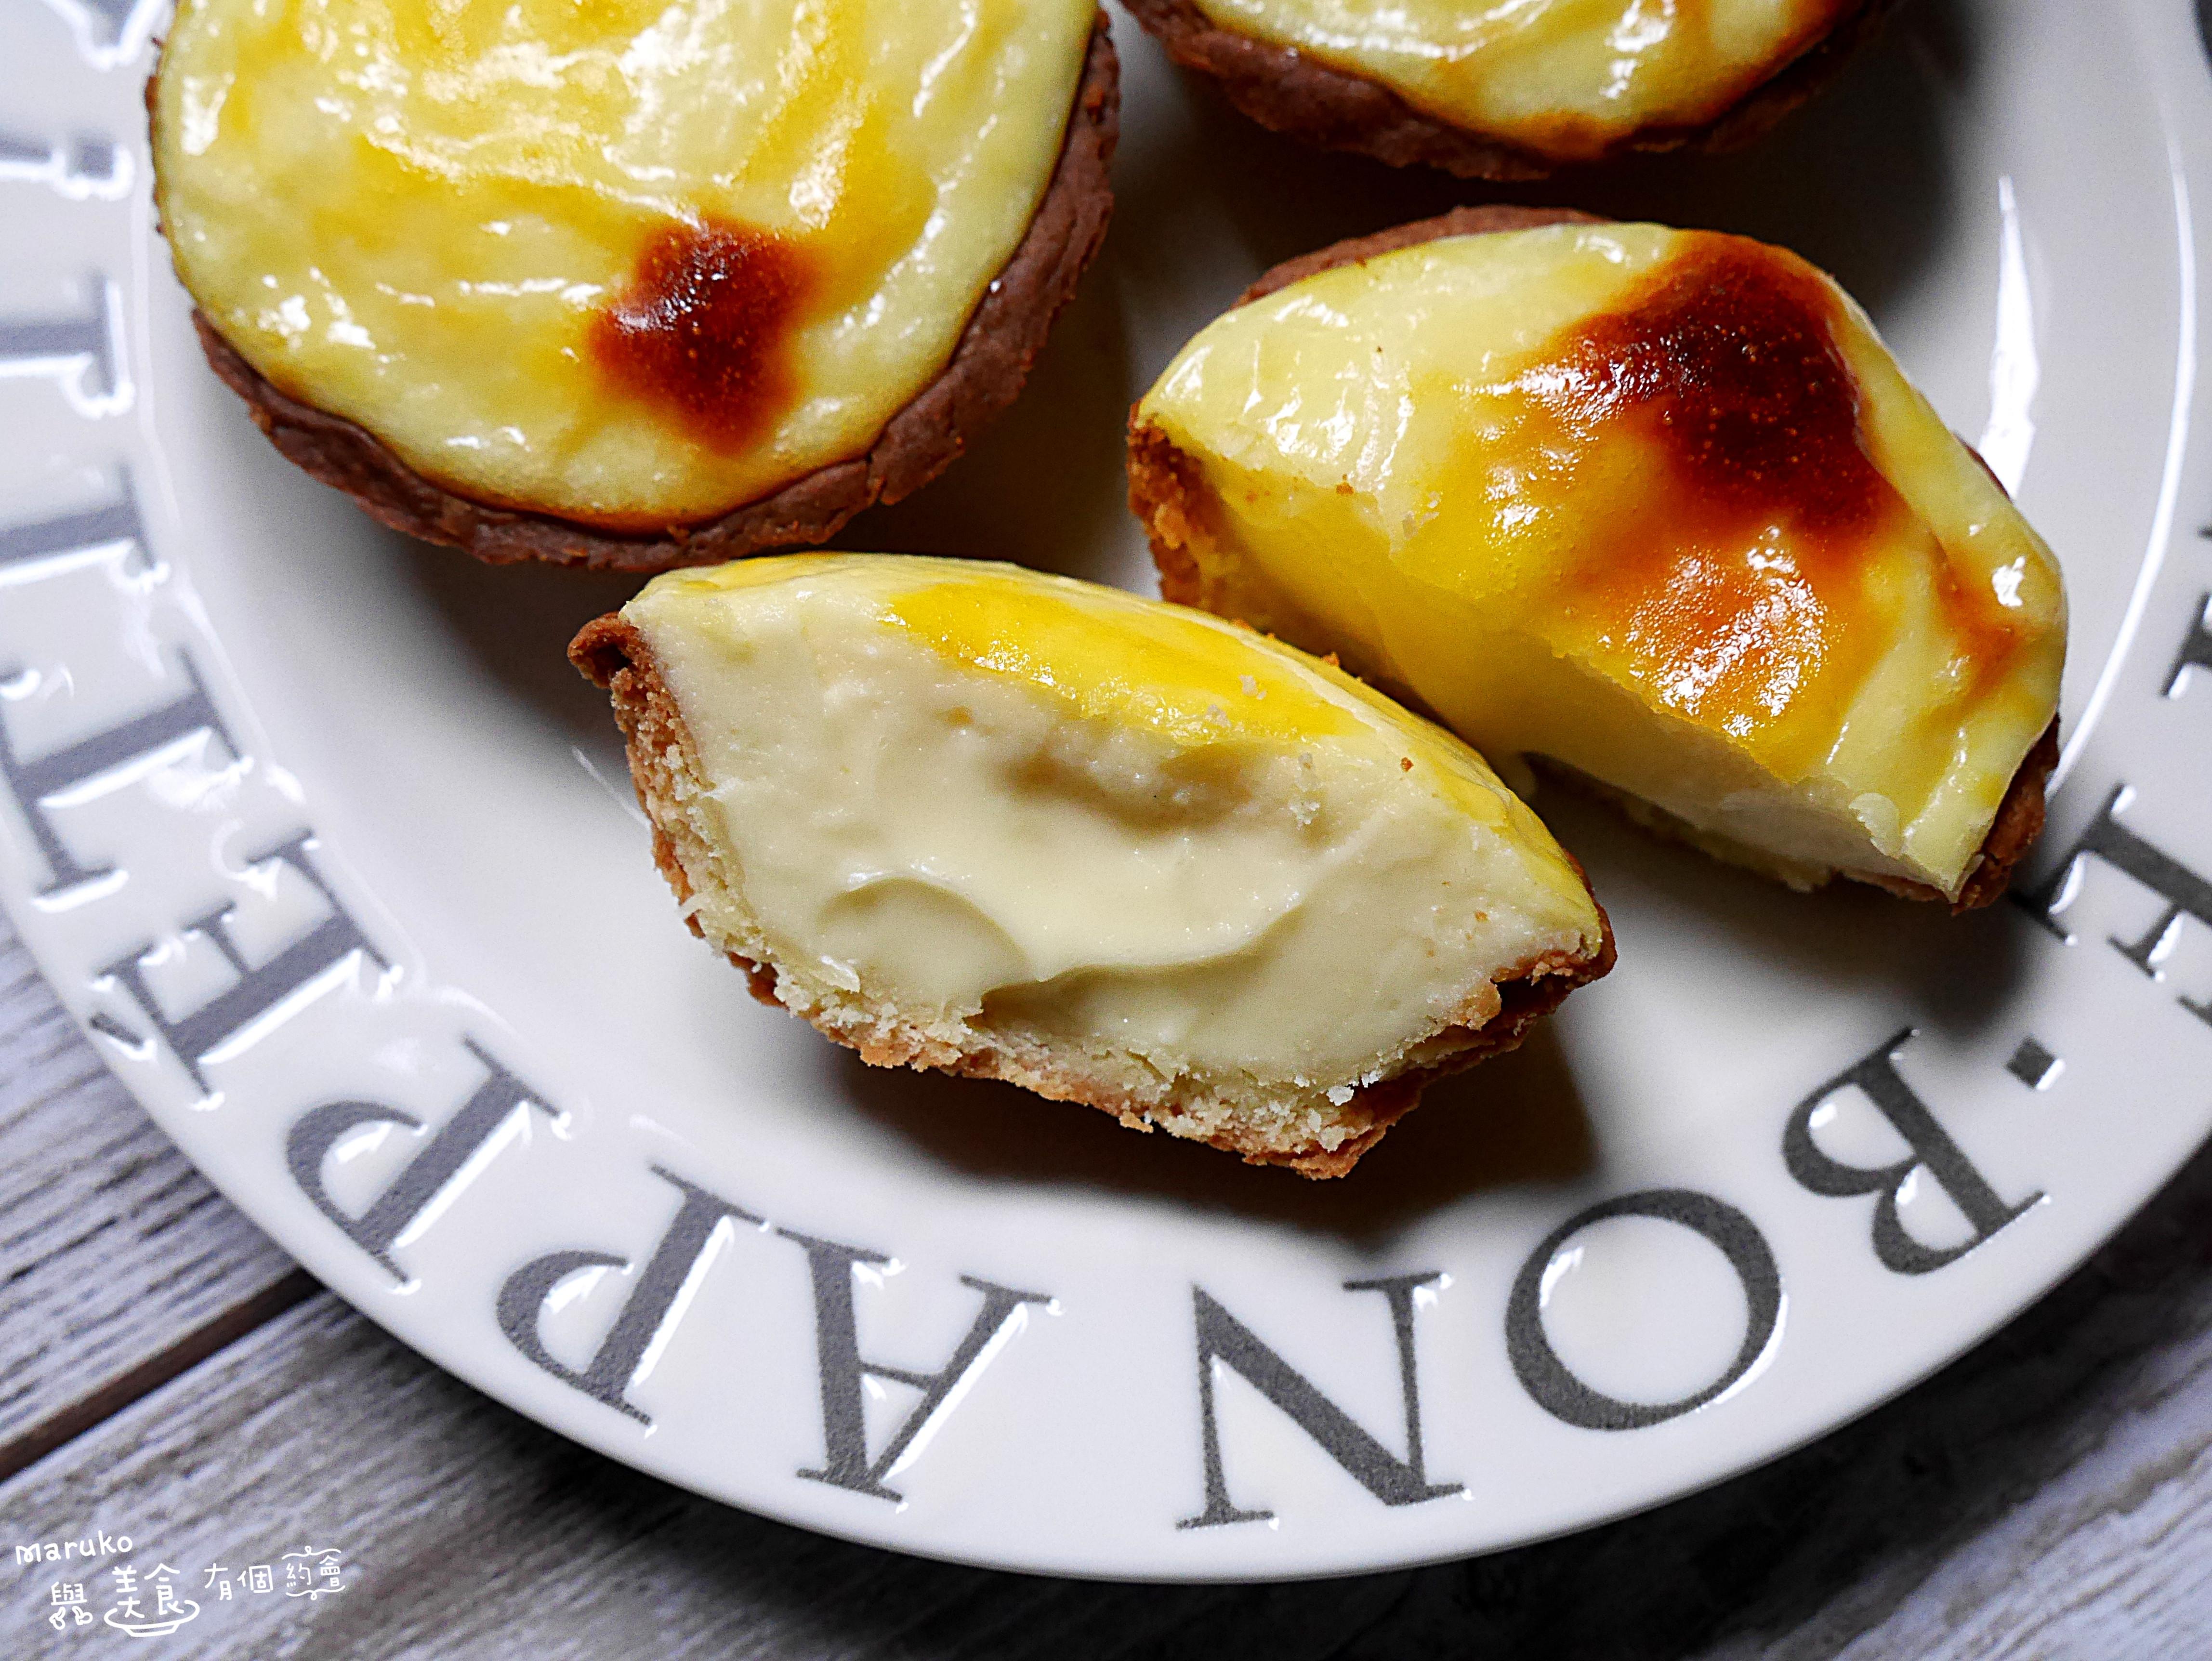 半熟乳酪起司塔